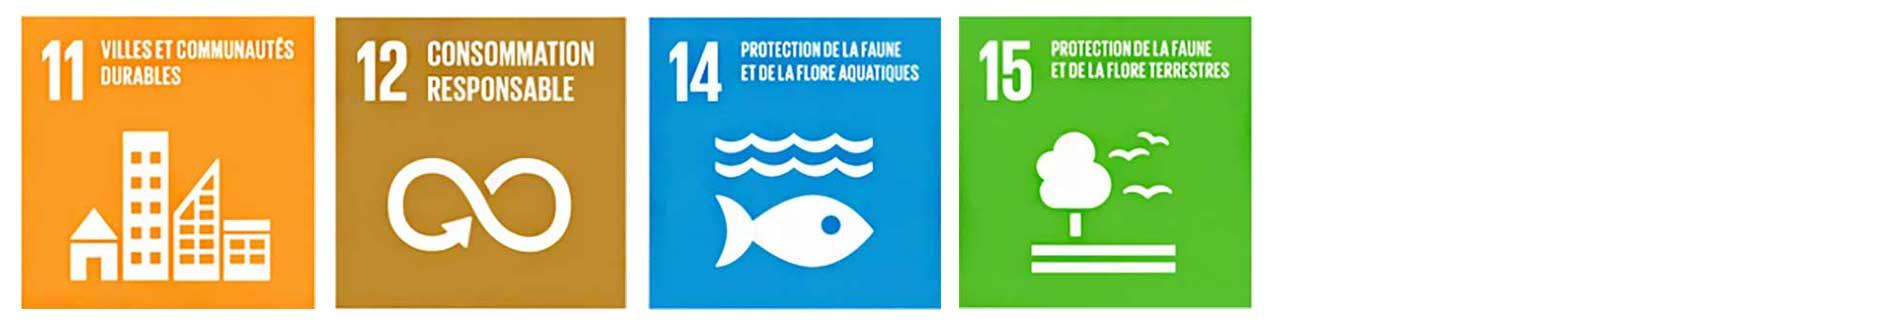 Objectifs de développement durable 2030 liés au thème biodiversité